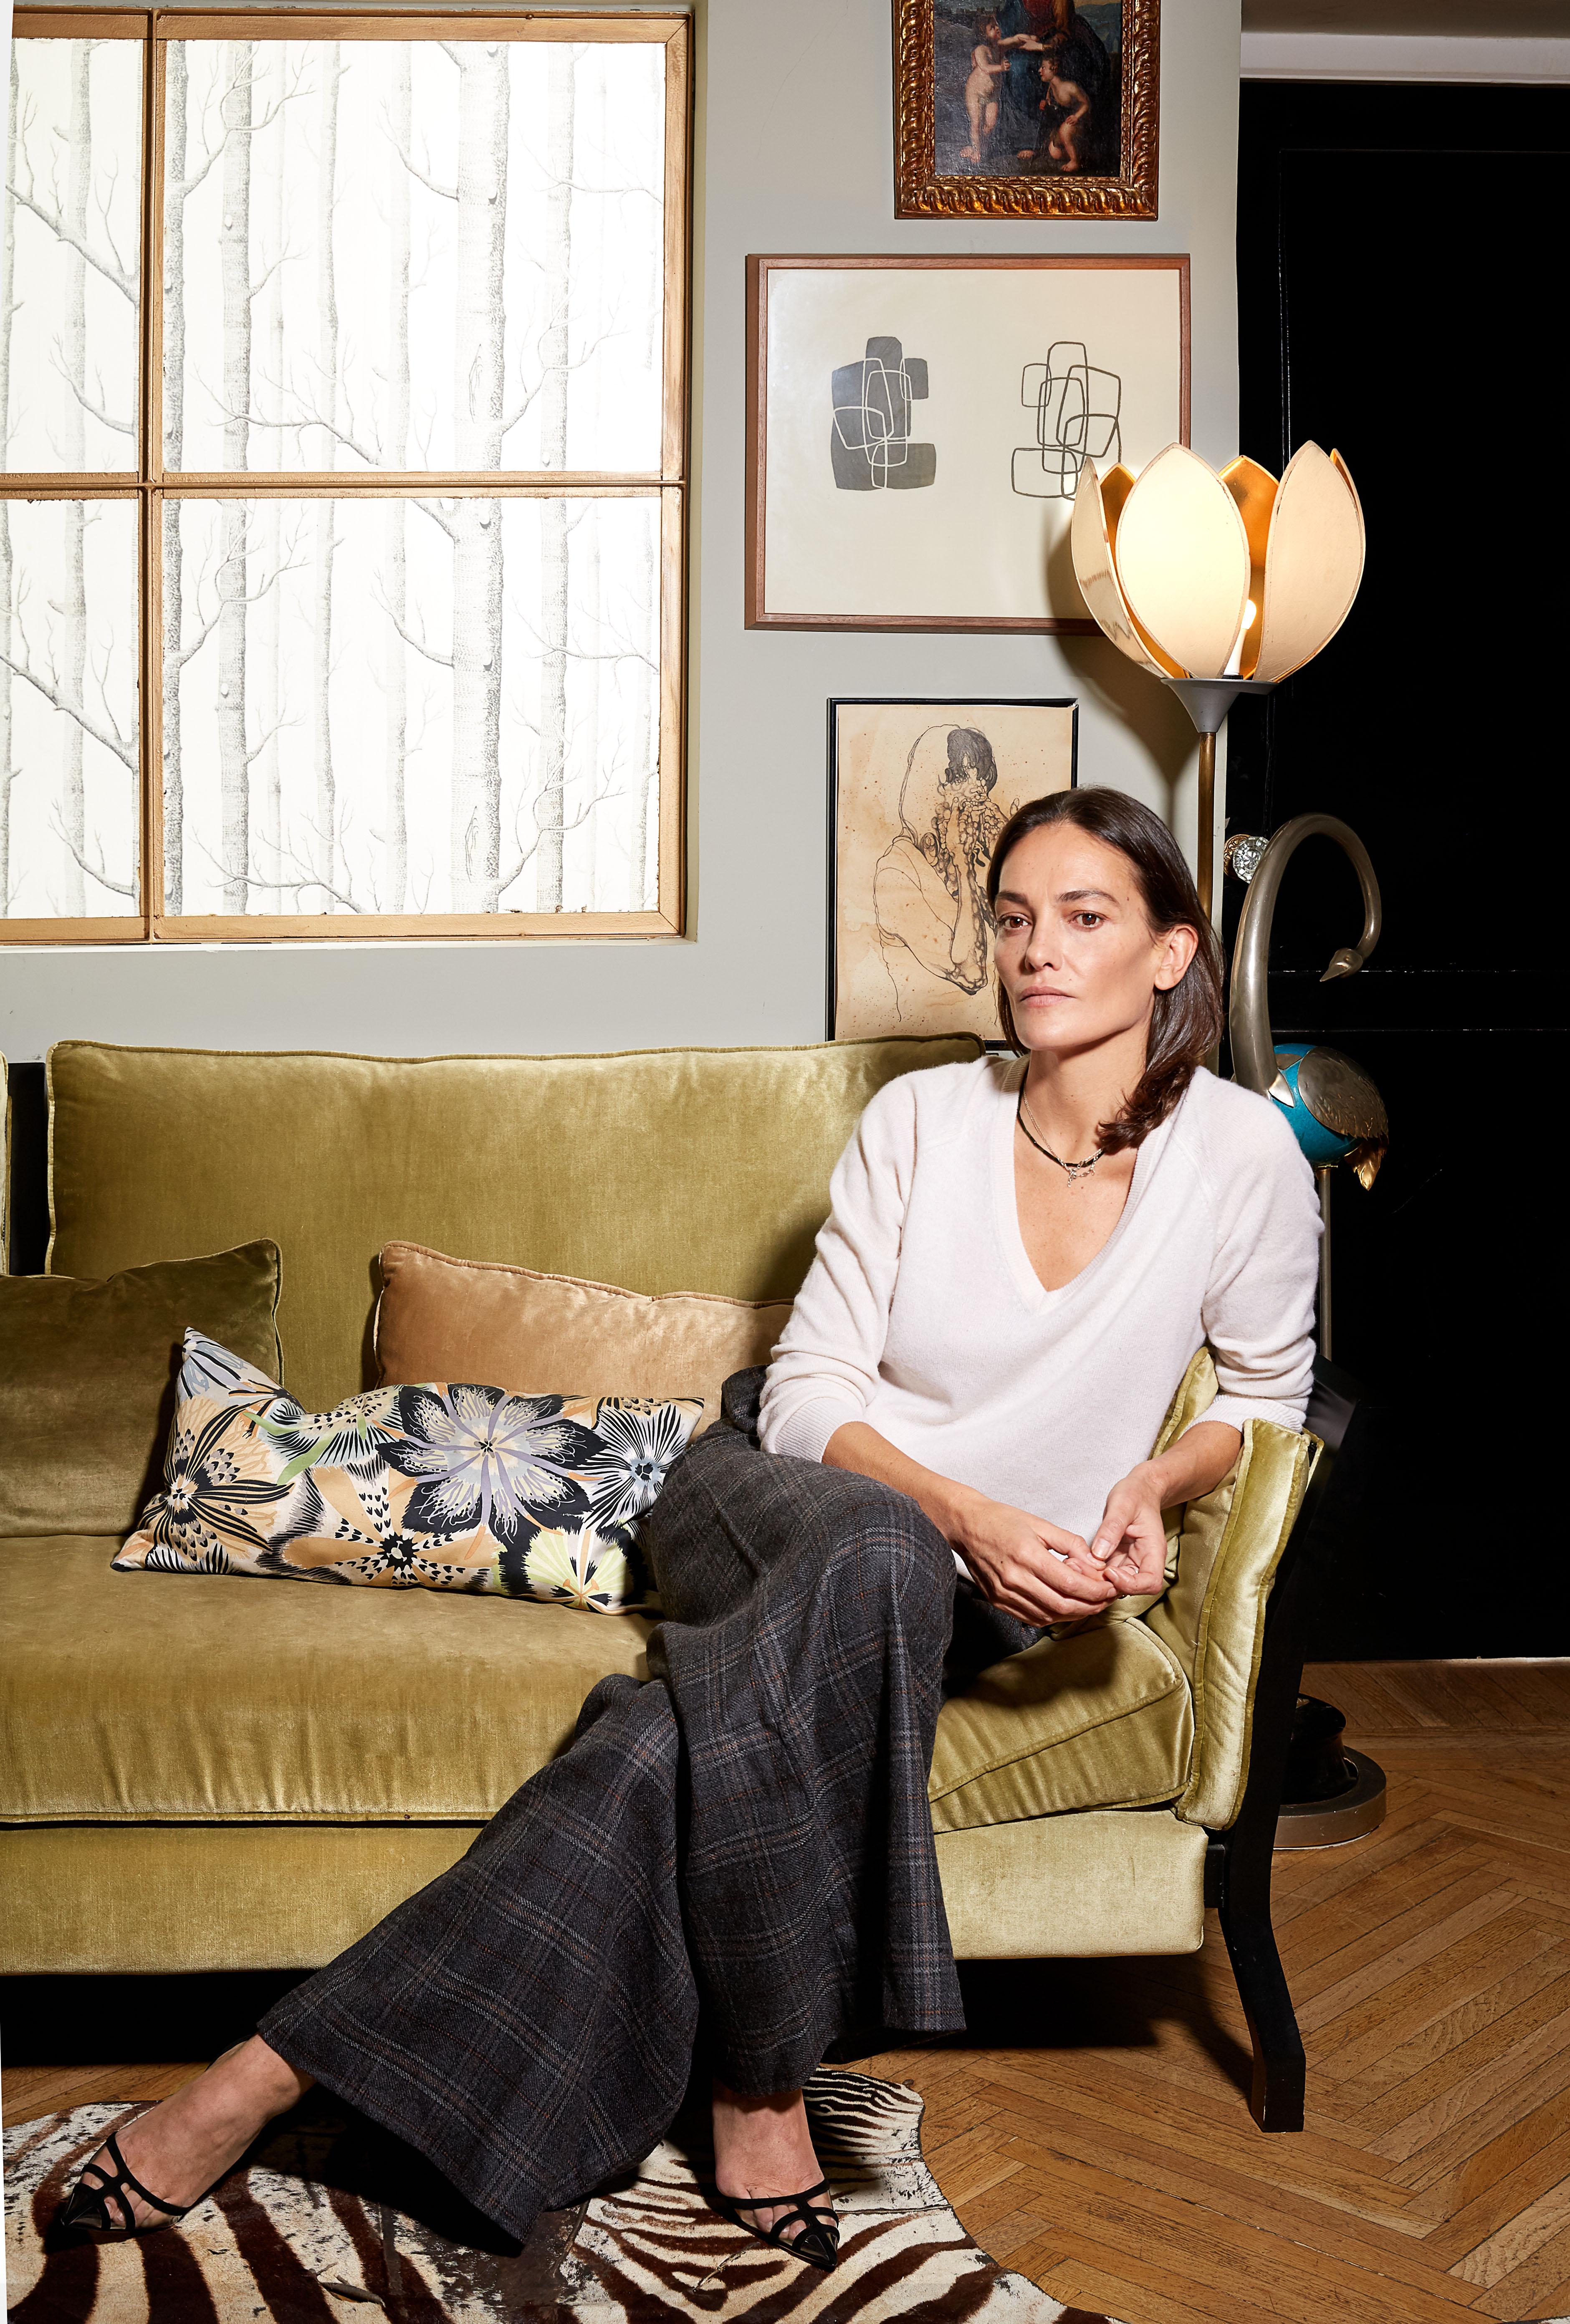 Laura Ponte lleva jersey de Equipment, pantalón de John Richmond y zapatos de Manolo Blahnik. (Olga Moreno)